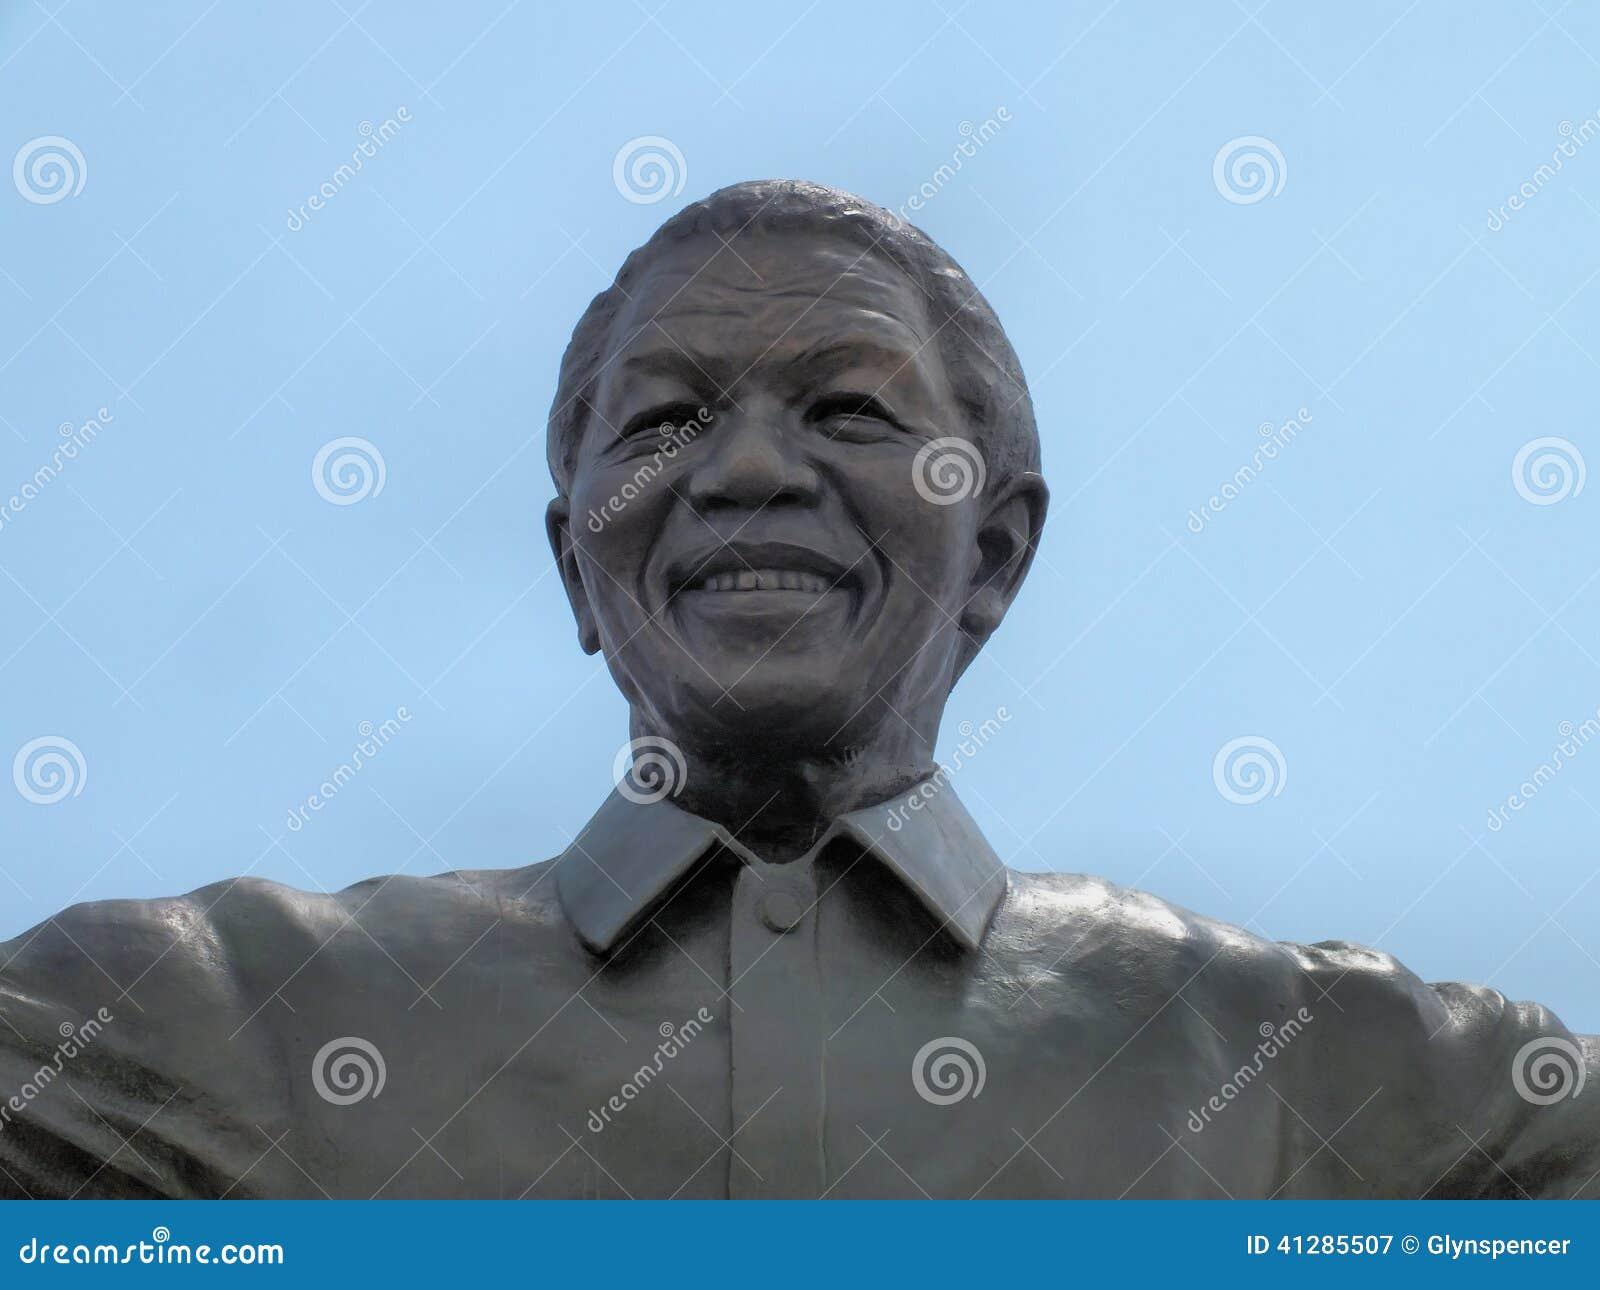 Mandela Statue Close Up